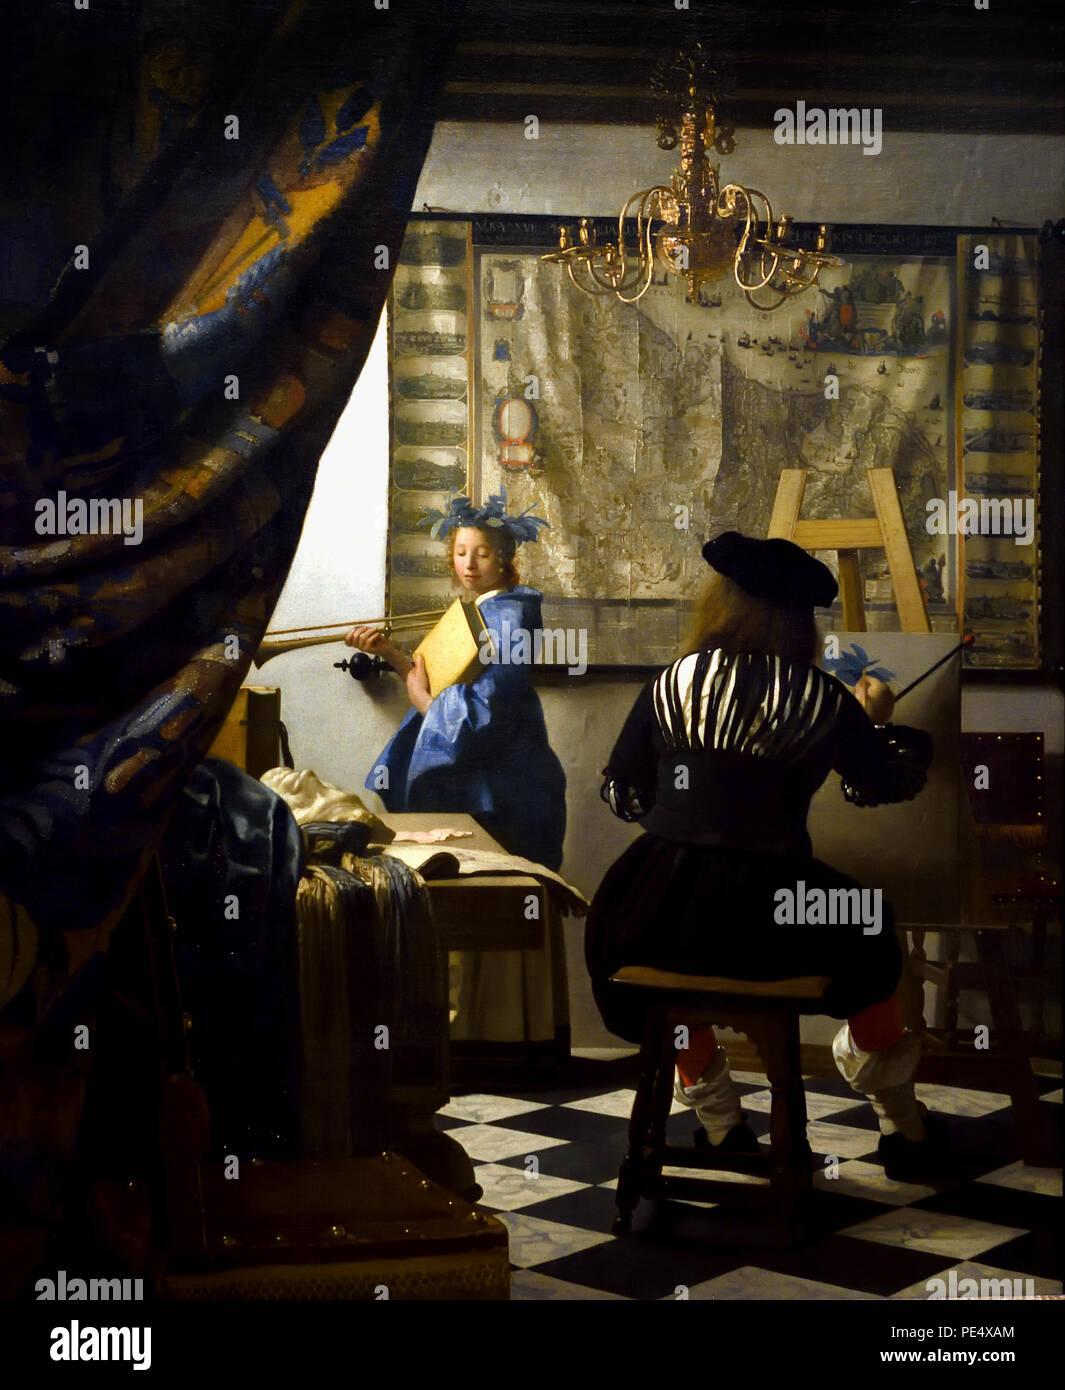 Das Gemälde von Johannes Vermeer 1632 - 1675 Die Niederlande, Niederländisch, (Die malerei Kunst mit der Darstellung der Maler im Studio Vermeer das Genre um eine Allegorie der Malerei übertreibt. Sein Modell posiert als Klio) Stockbild